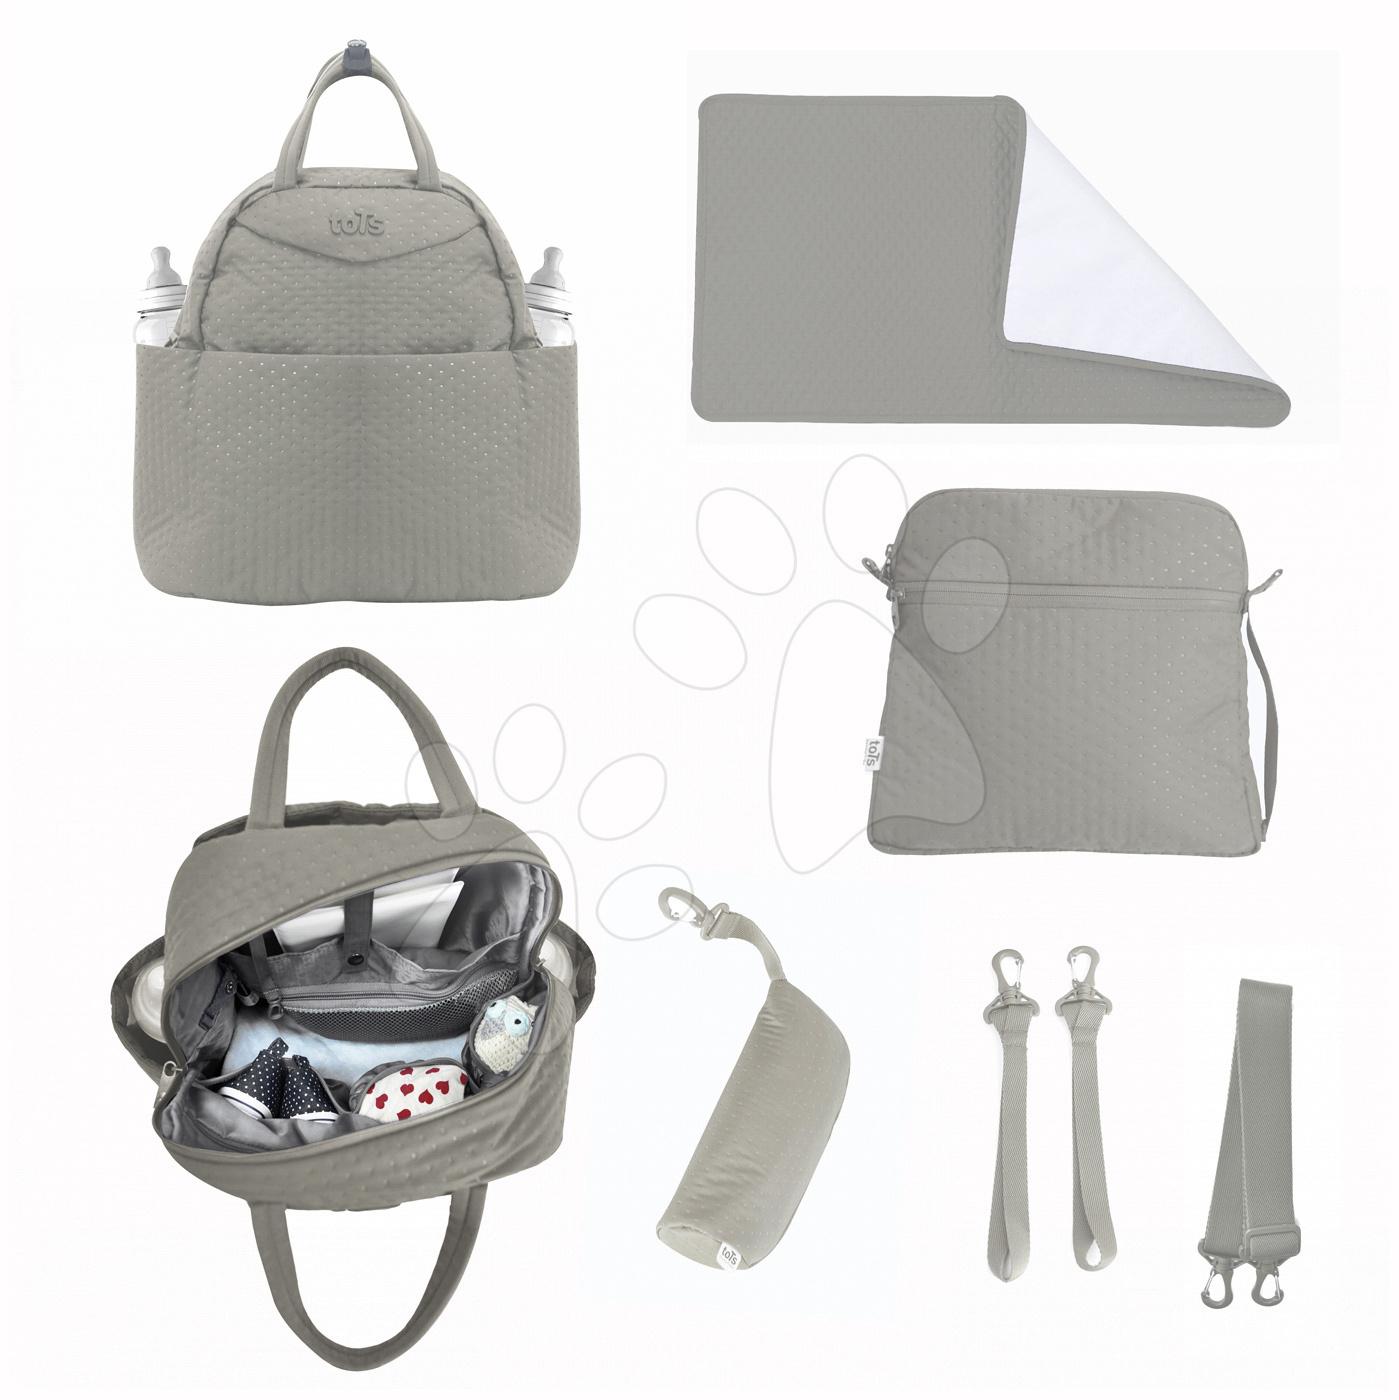 Přebalovací taška Infinity 5v1 toTs-smarTrike s vnitřní taškou a termoobalem na láhev béžová